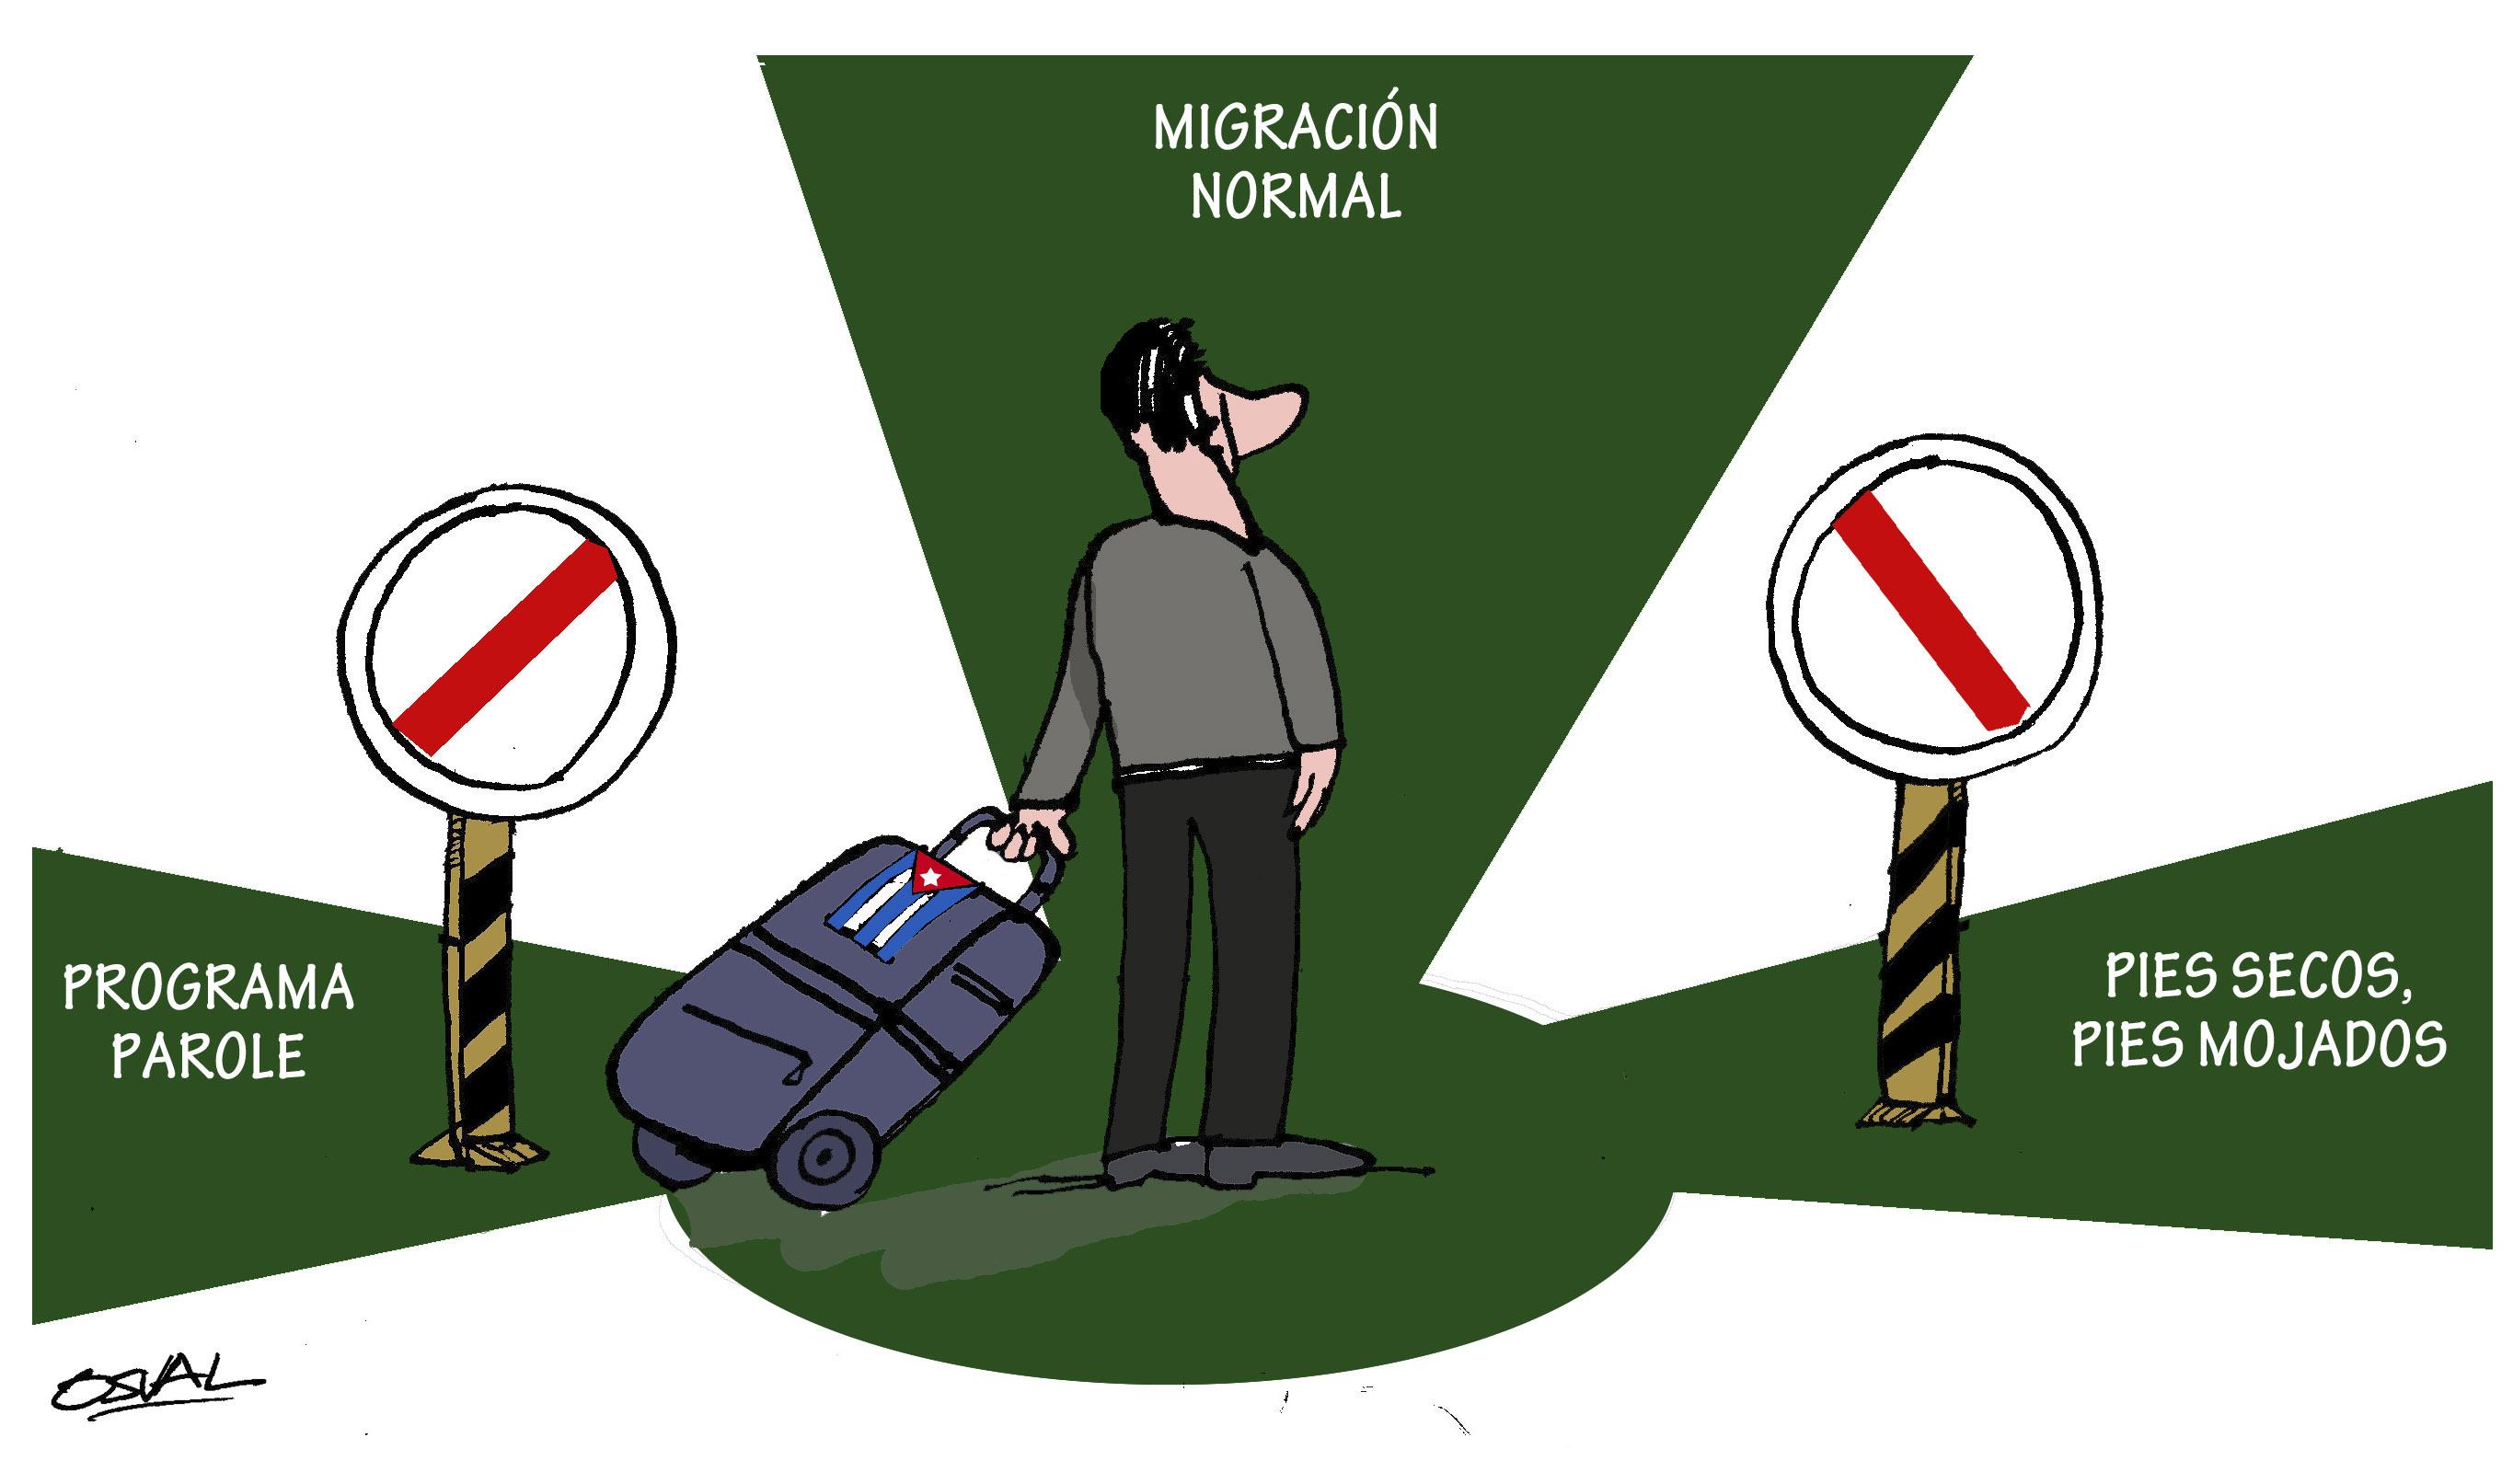 Resultado de imagen para Jorge Legañoa +  acuerdo migratorios